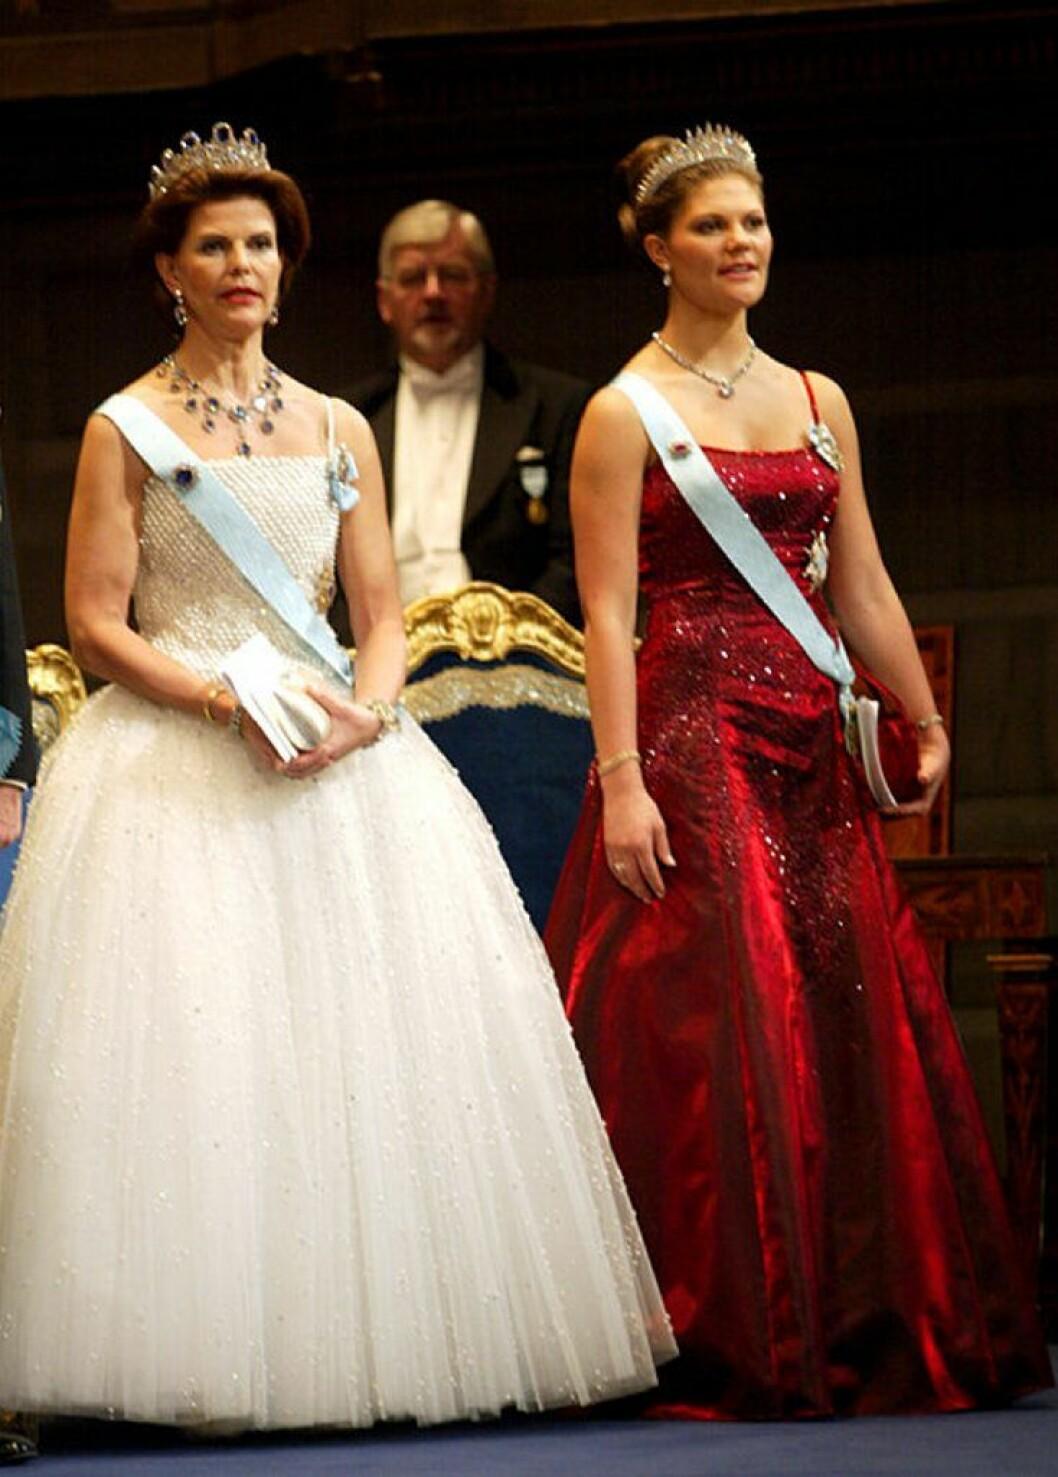 Kronprinsessan Victoria i en röd klänning från Lars Wallin.